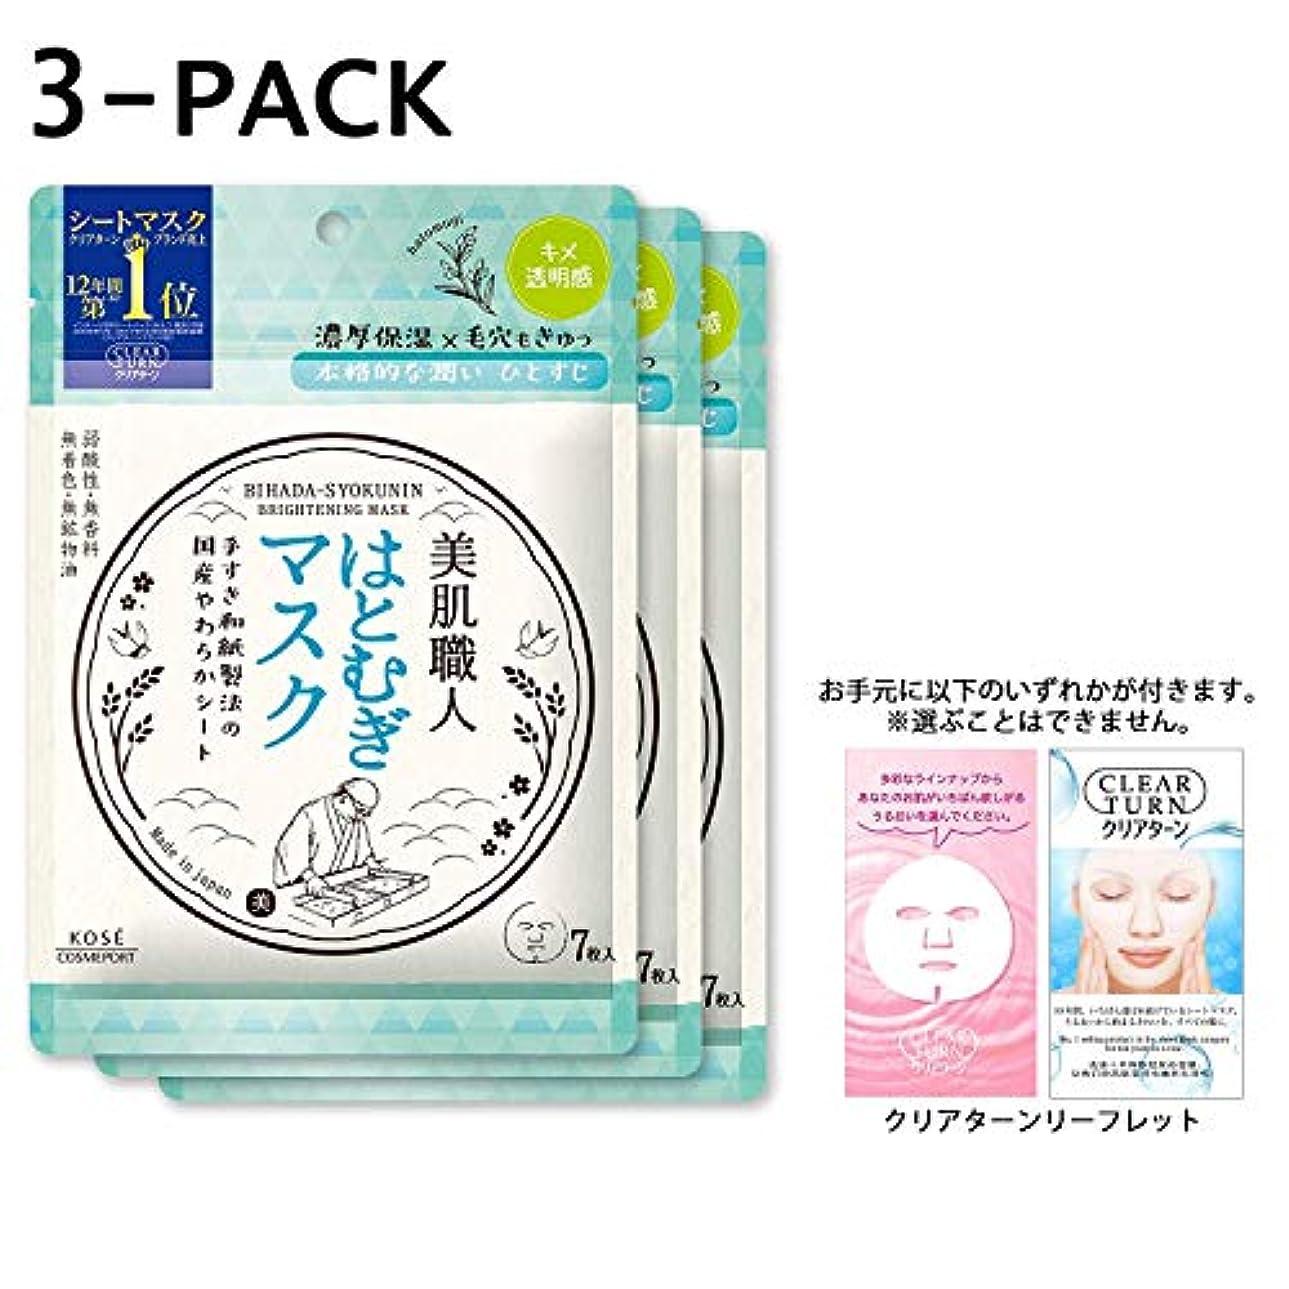 パドル私の多様性【Amazon.co.jp限定】KOSE コーセー クリアターン 美肌職人 はとむぎ マスク 7枚 3パック リーフレット付 フェイスマスク